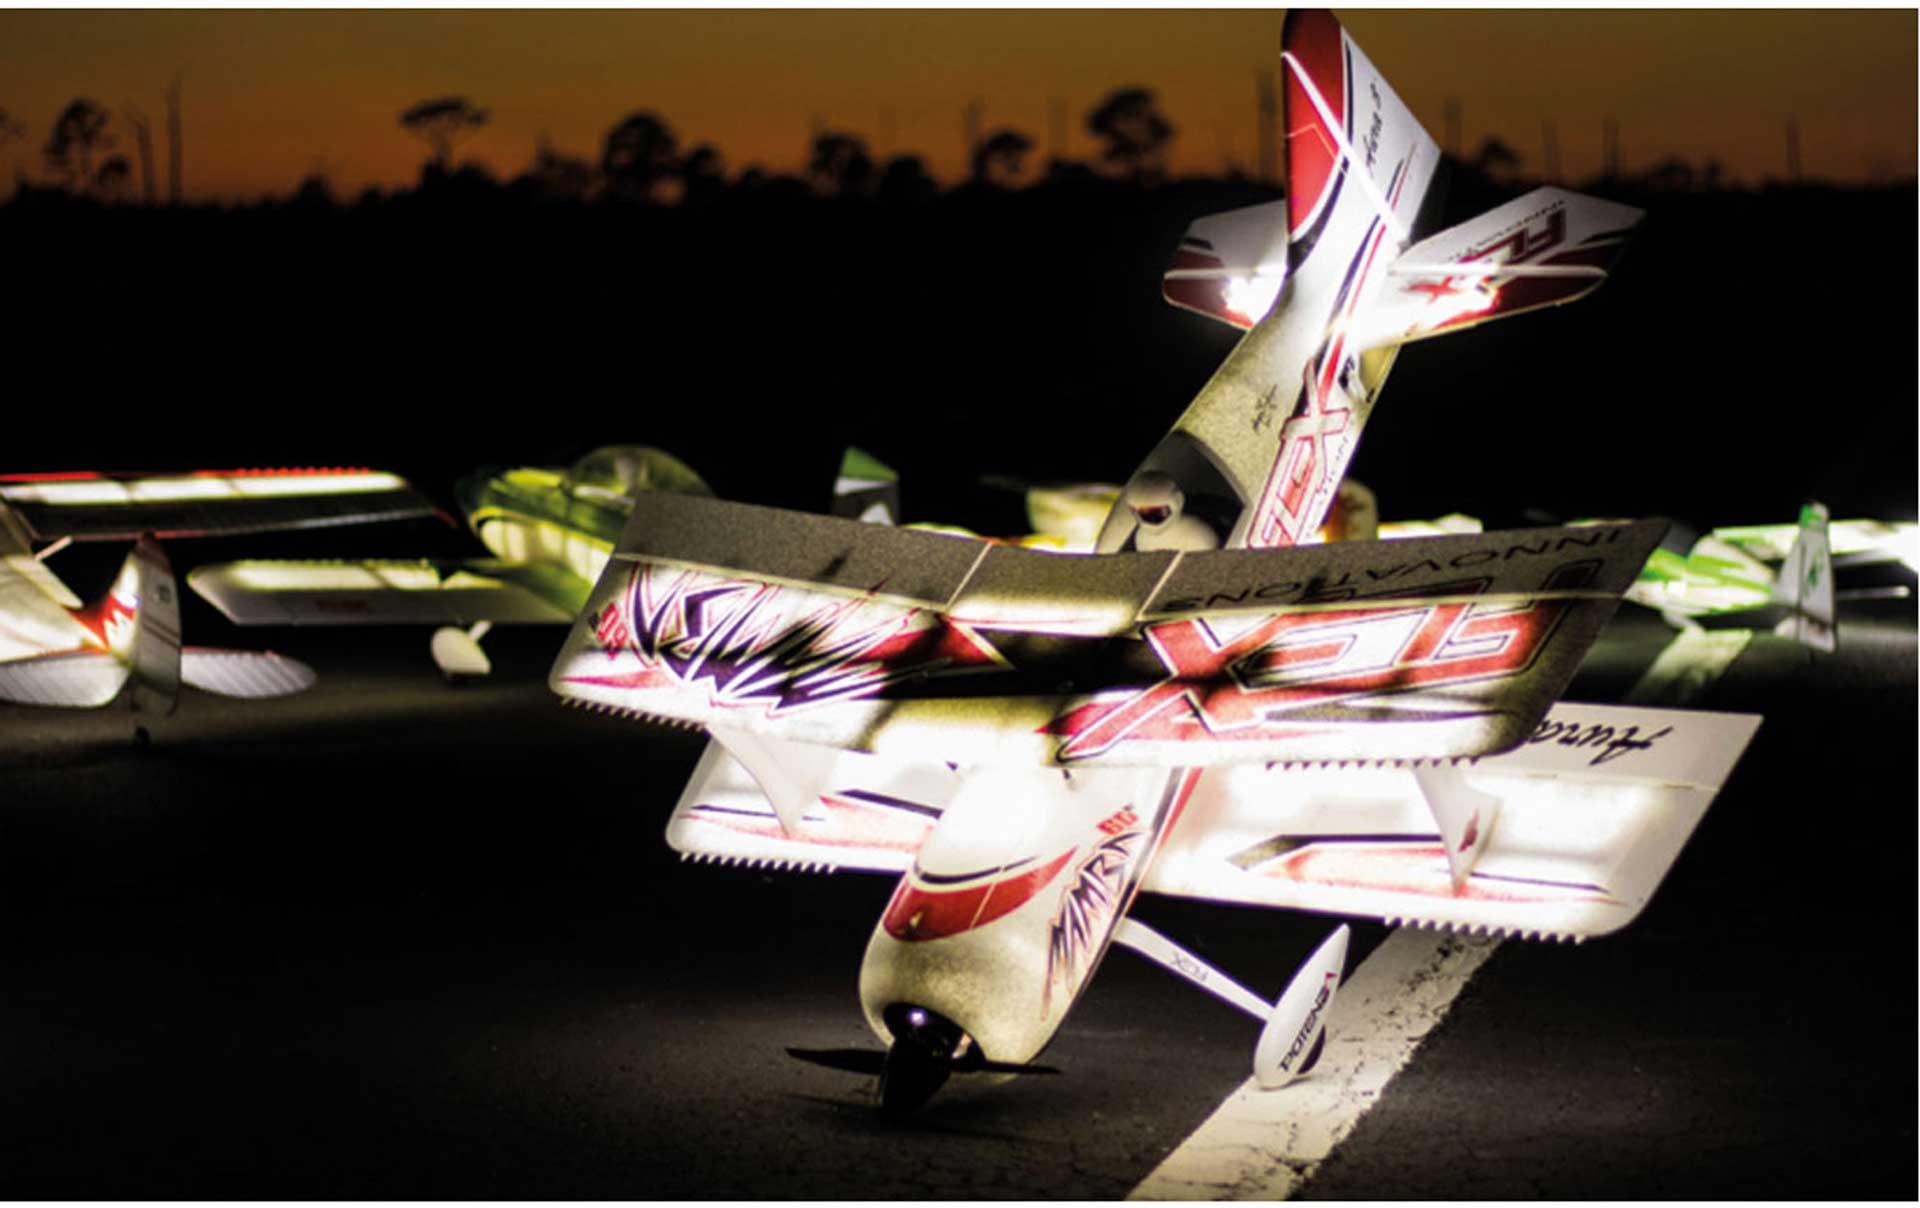 PREMIER AIRCRAFT MAMBA 60 E+ ROT/SCHWARZ PNP NIGHT MIT AURA 8 UND LED BELEUCHTUNG DOPPELDECKER